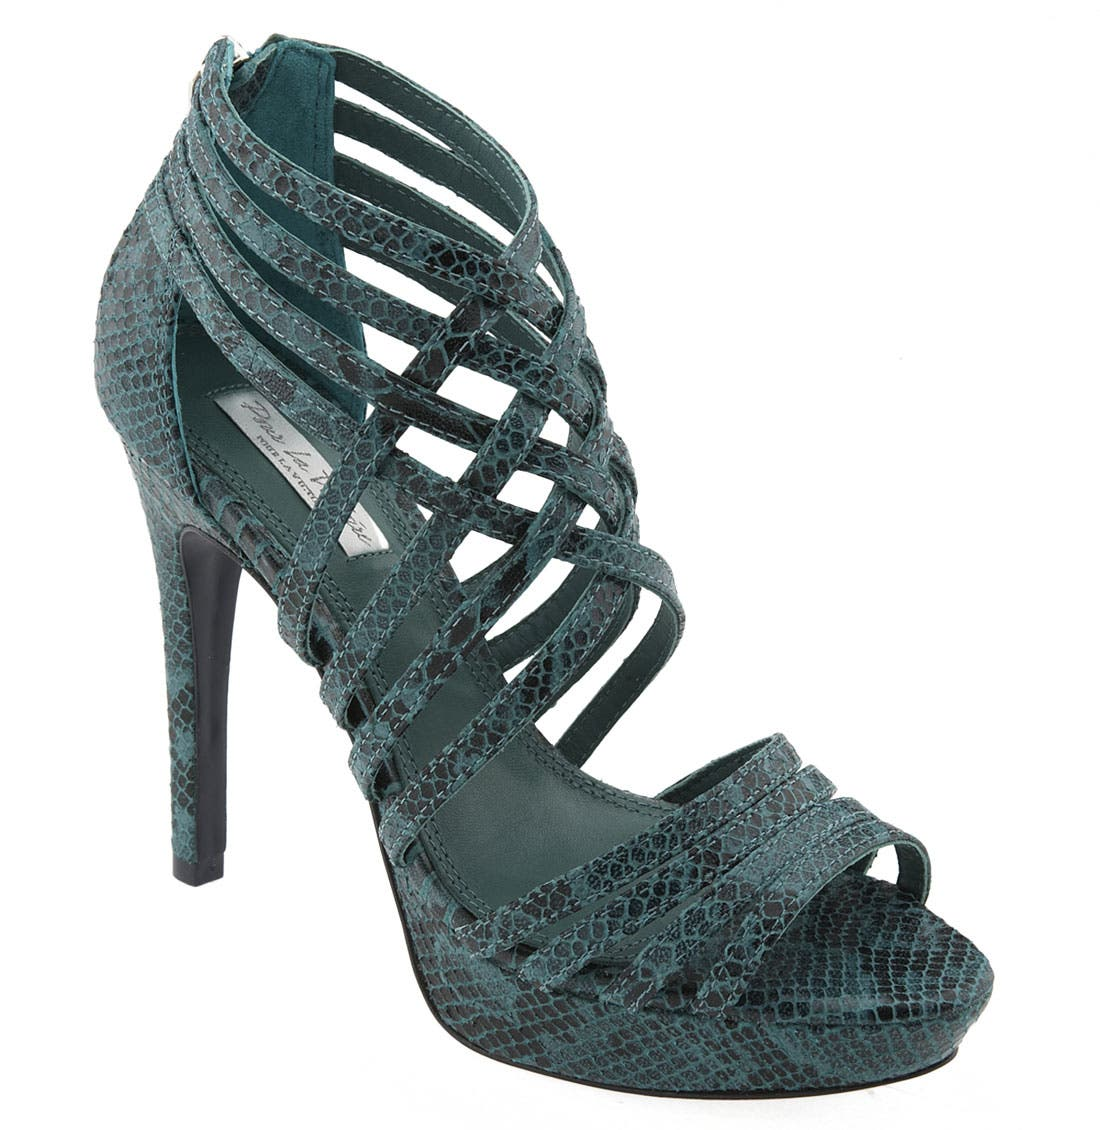 Main Image - Pour la Victoire 'Bethanie' Sandal